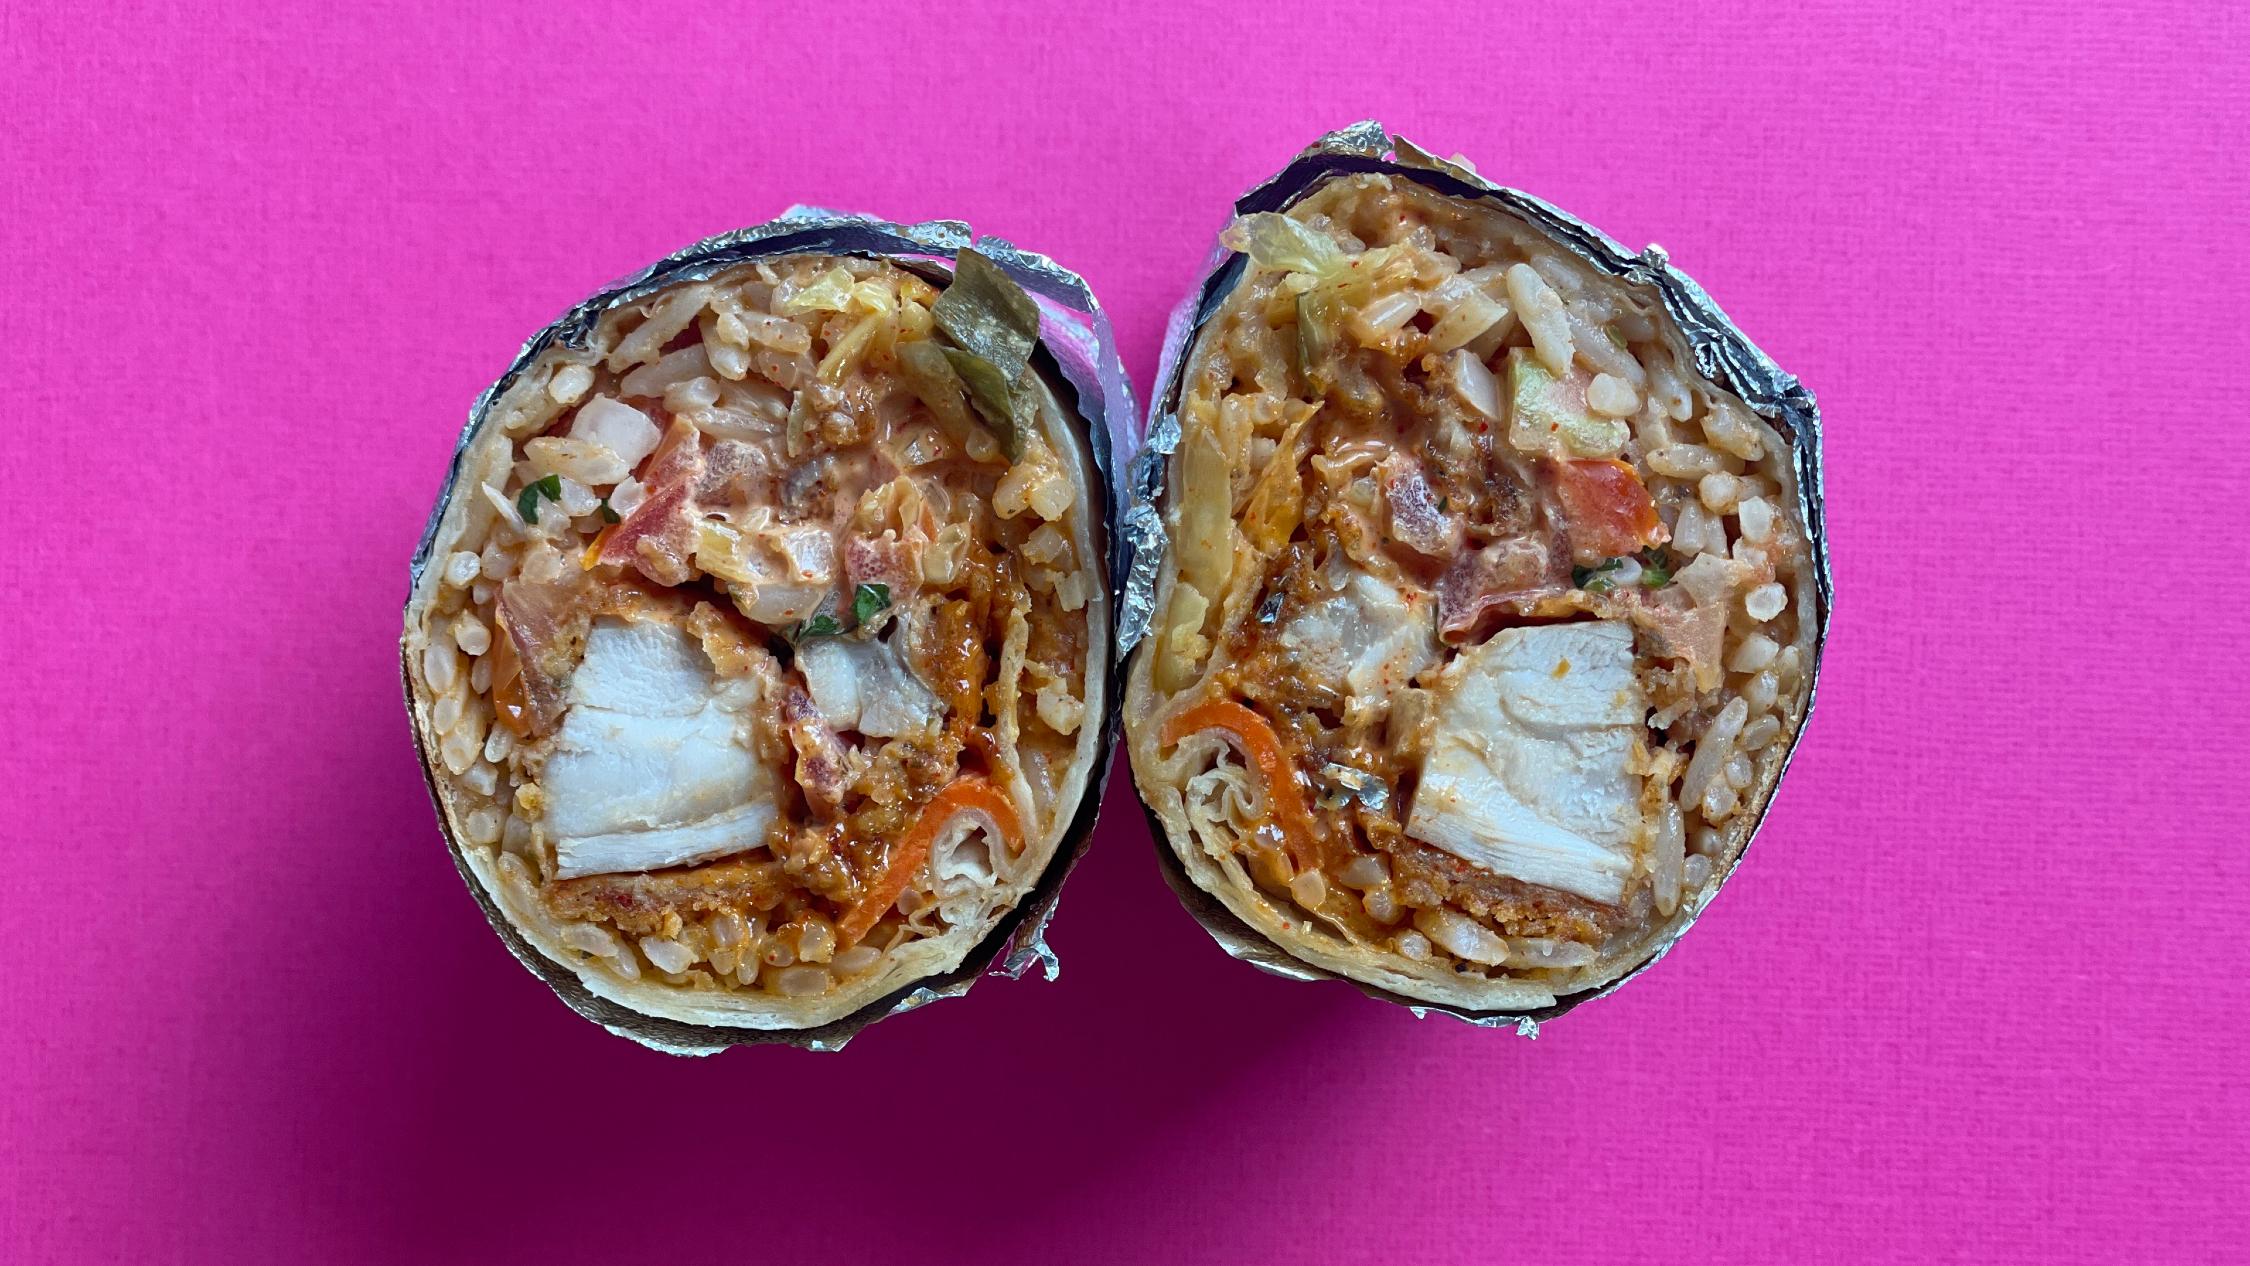 Mexico Mi Amor burrito